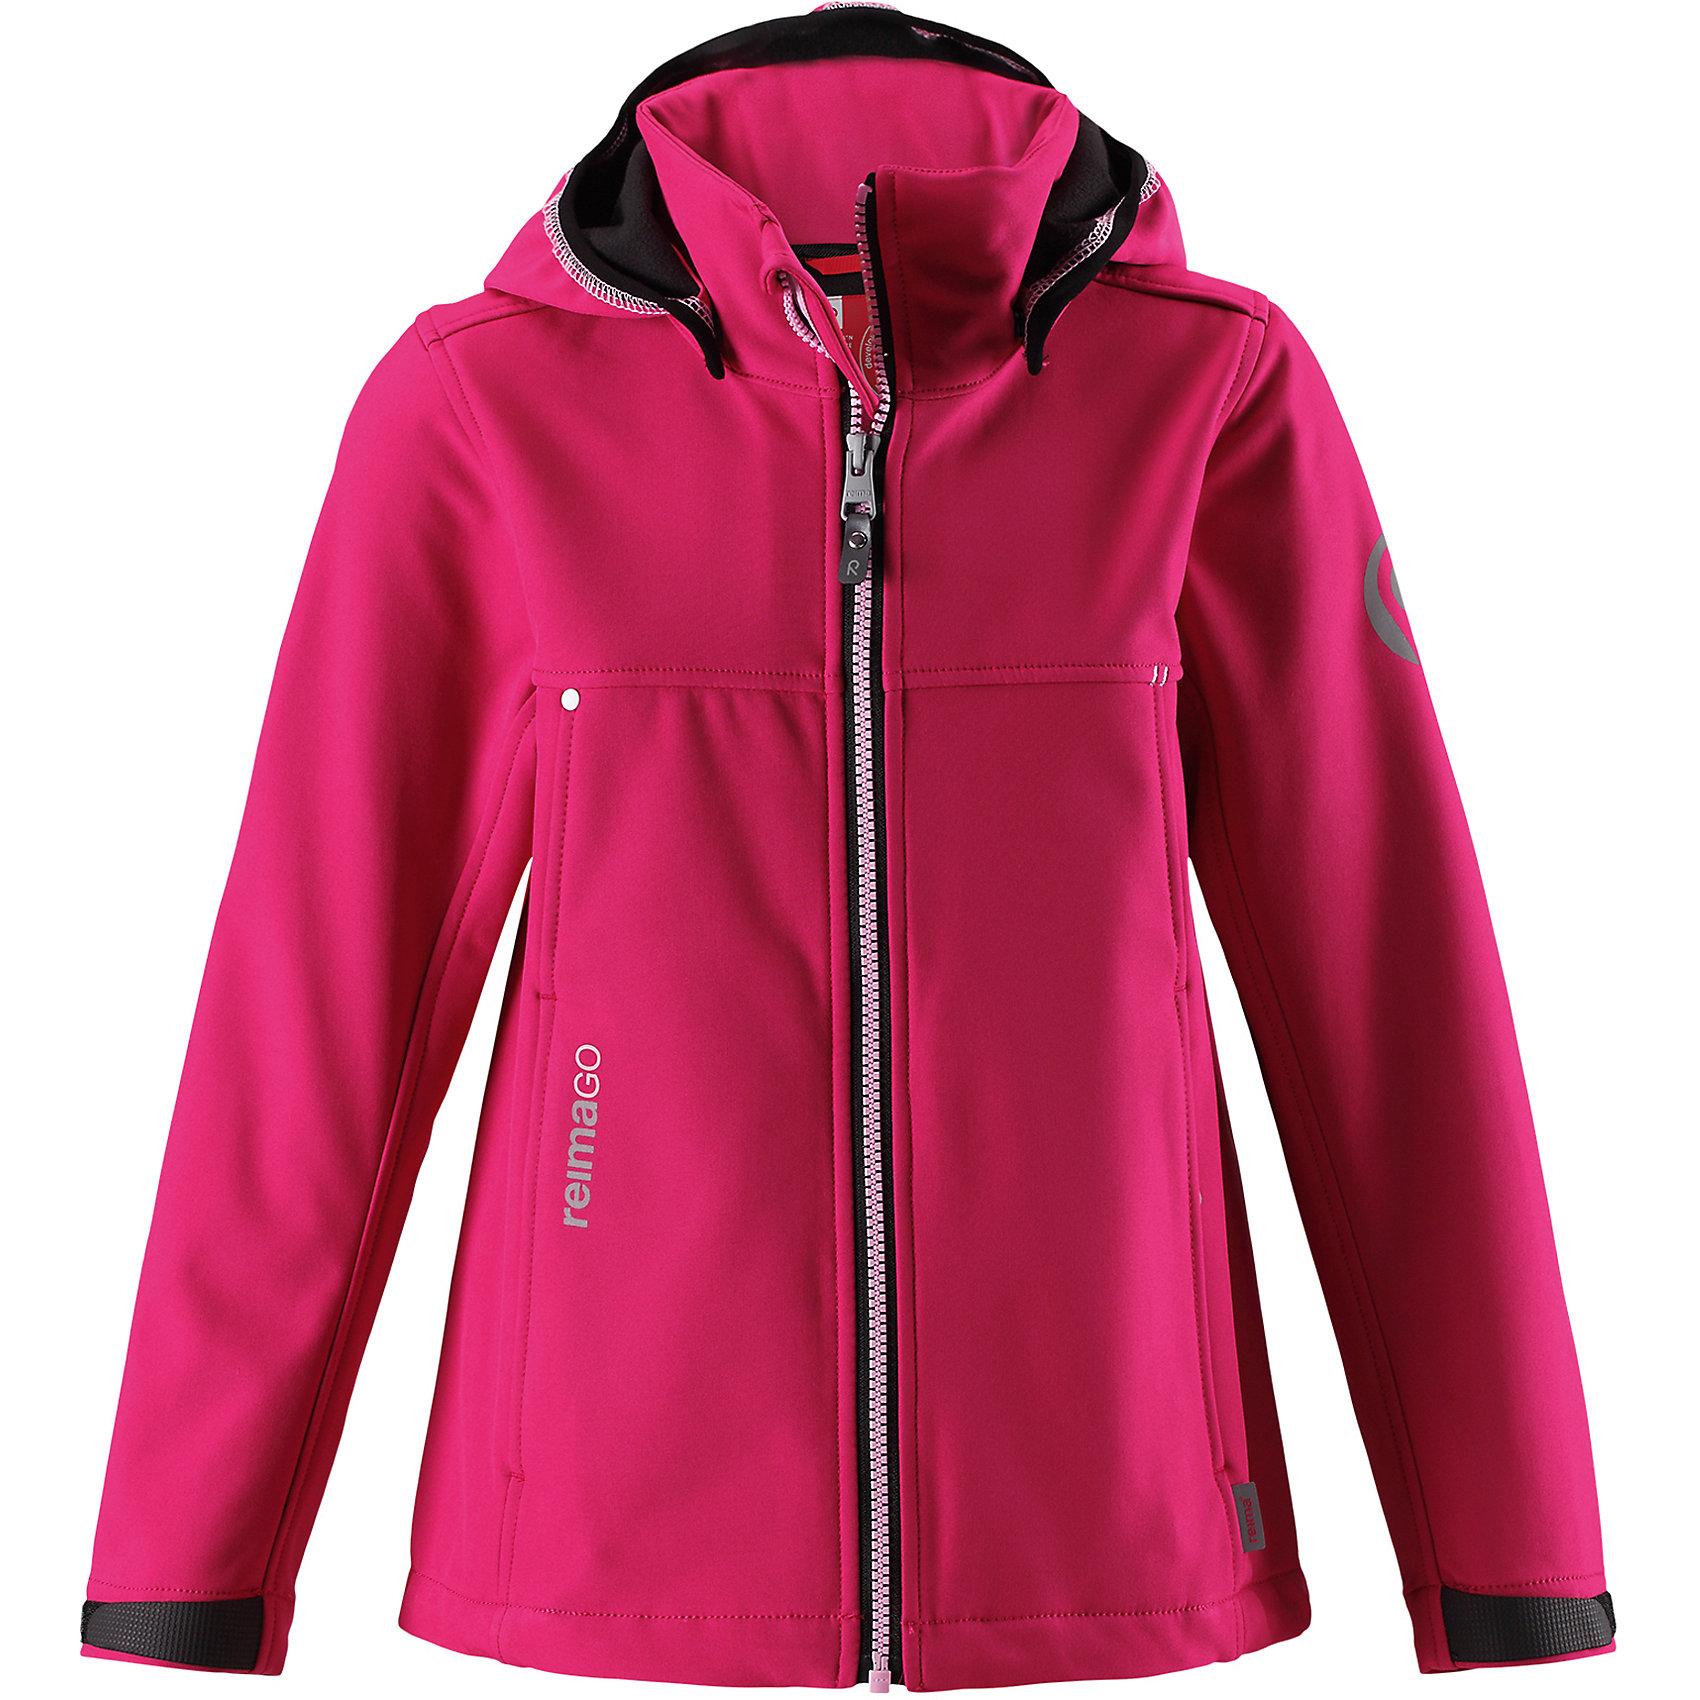 Куртка Reima Cornise для девочкиФлис и термобелье<br>Характеристики товара:<br><br>• цвет: розовый;<br>• состав: 95% полиэстер, 5% эластан;<br>• подкладка: 100% полиэстер, флис<br>• без дополнительного утепления;<br>• сезон: демисезон;<br>• температурный режим: от 0 до +15С;<br>• водонепроницаемость: 10000 мм;<br>• воздухопроницаемость: 50000 мм;<br>• куртка из материала softshell;<br>• из ветронепроницаемого материала, но изделие дышит;<br>• водоотталкивающий, ветронепроницаемый и дышащий материал;<br>• флис на оборотной стороне;<br>• безопасный, съемный капюшон;<br>• эластичная резинка на кромке капюшона;<br>• регулируемые манжеты на липучке;<br>• регулируемый обхват талии;<br>• два кармана на молнии;<br>• карман с креплением для сенсора ReimaGO®;<br>• светоотражающие детали;<br>• страна бренда: Финляндия;<br>• страна изготовитель: Китай.<br><br>Демисезонная куртка для детей и подростков изготовлена из функционального материала softshell –водоотталкивающего, ветронепроницаемого, и в то же время дышащего. Многослойный материал имеет мягкую флисовую изнанку. Регулируемая талия позволяет отрегулировать эту приталенную модель по фигуре, а регулируемые манжеты снабжены застежками на липучке. <br><br>В этой куртке предусмотрено множество практичных деталей: безопасный съемный капюшон с эластичной резинкой по краю, карманы на молнии и светоотражающие элементы – отличный выбор, куда бы вы не пошли. Сенсор ReimaGO будет надежно закреплен на месте благодаря специальным кнопкам.<br><br>Куртку Cornise для девочки Reima от финского бренда Reima (Рейма) можно купить в нашем интернет-магазине.<br><br>Ширина мм: 356<br>Глубина мм: 10<br>Высота мм: 245<br>Вес г: 519<br>Цвет: розовый<br>Возраст от месяцев: 156<br>Возраст до месяцев: 168<br>Пол: Женский<br>Возраст: Детский<br>Размер: 164,104,110,116,122,128,134,140,146,152,158<br>SKU: 6902884